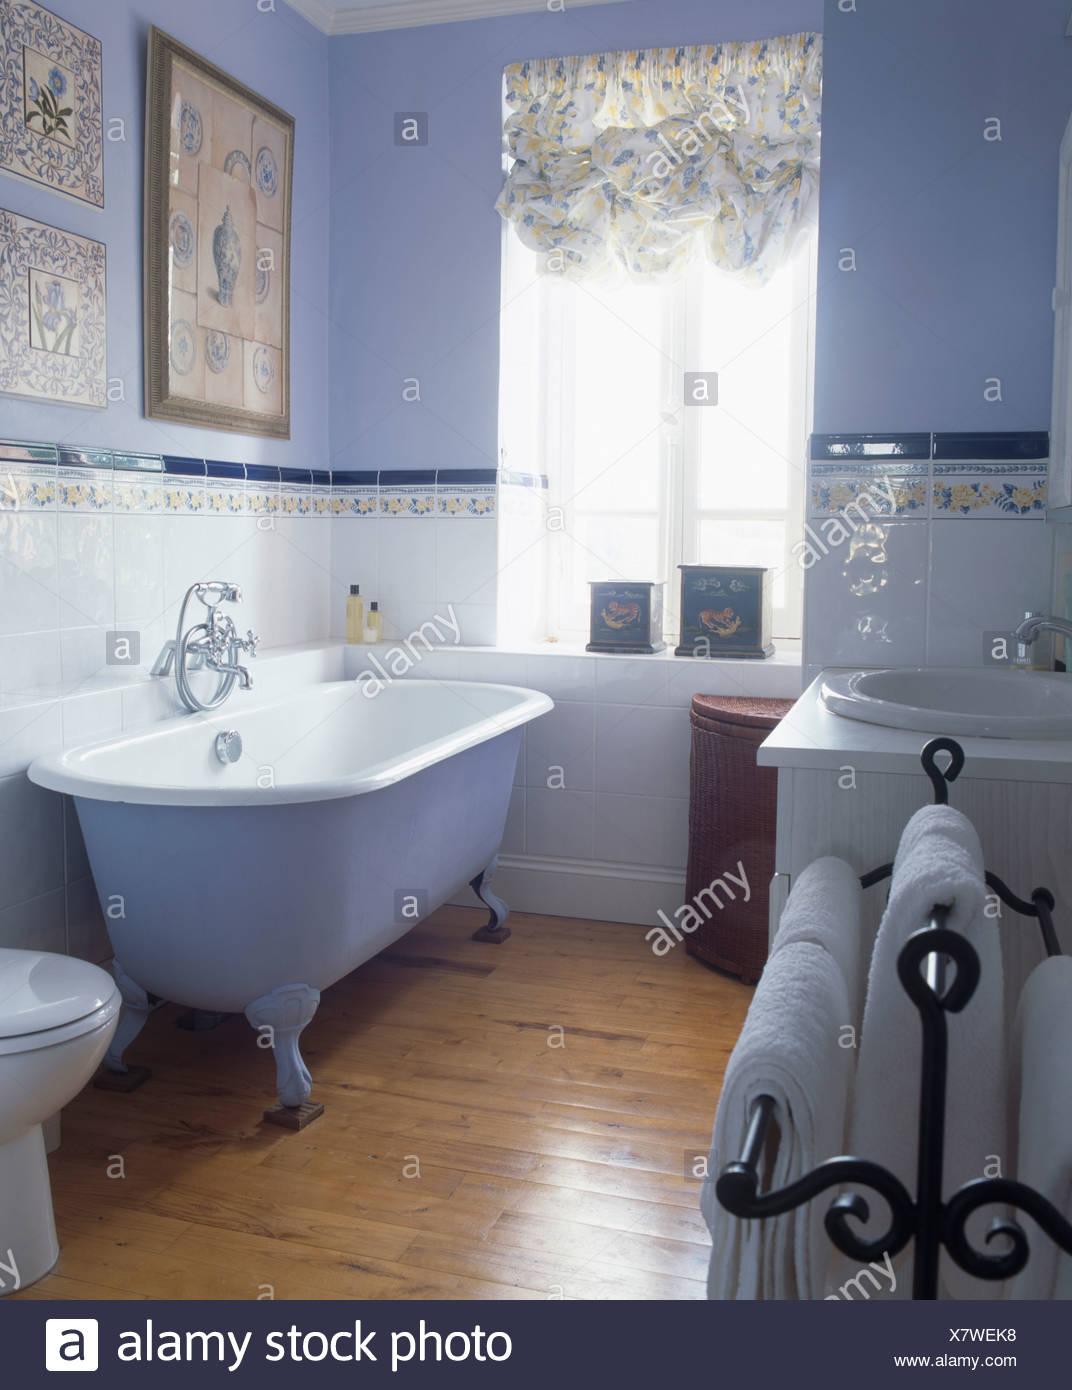 Baignoire sur pieds en bleu salle de bains avec plancher en ...